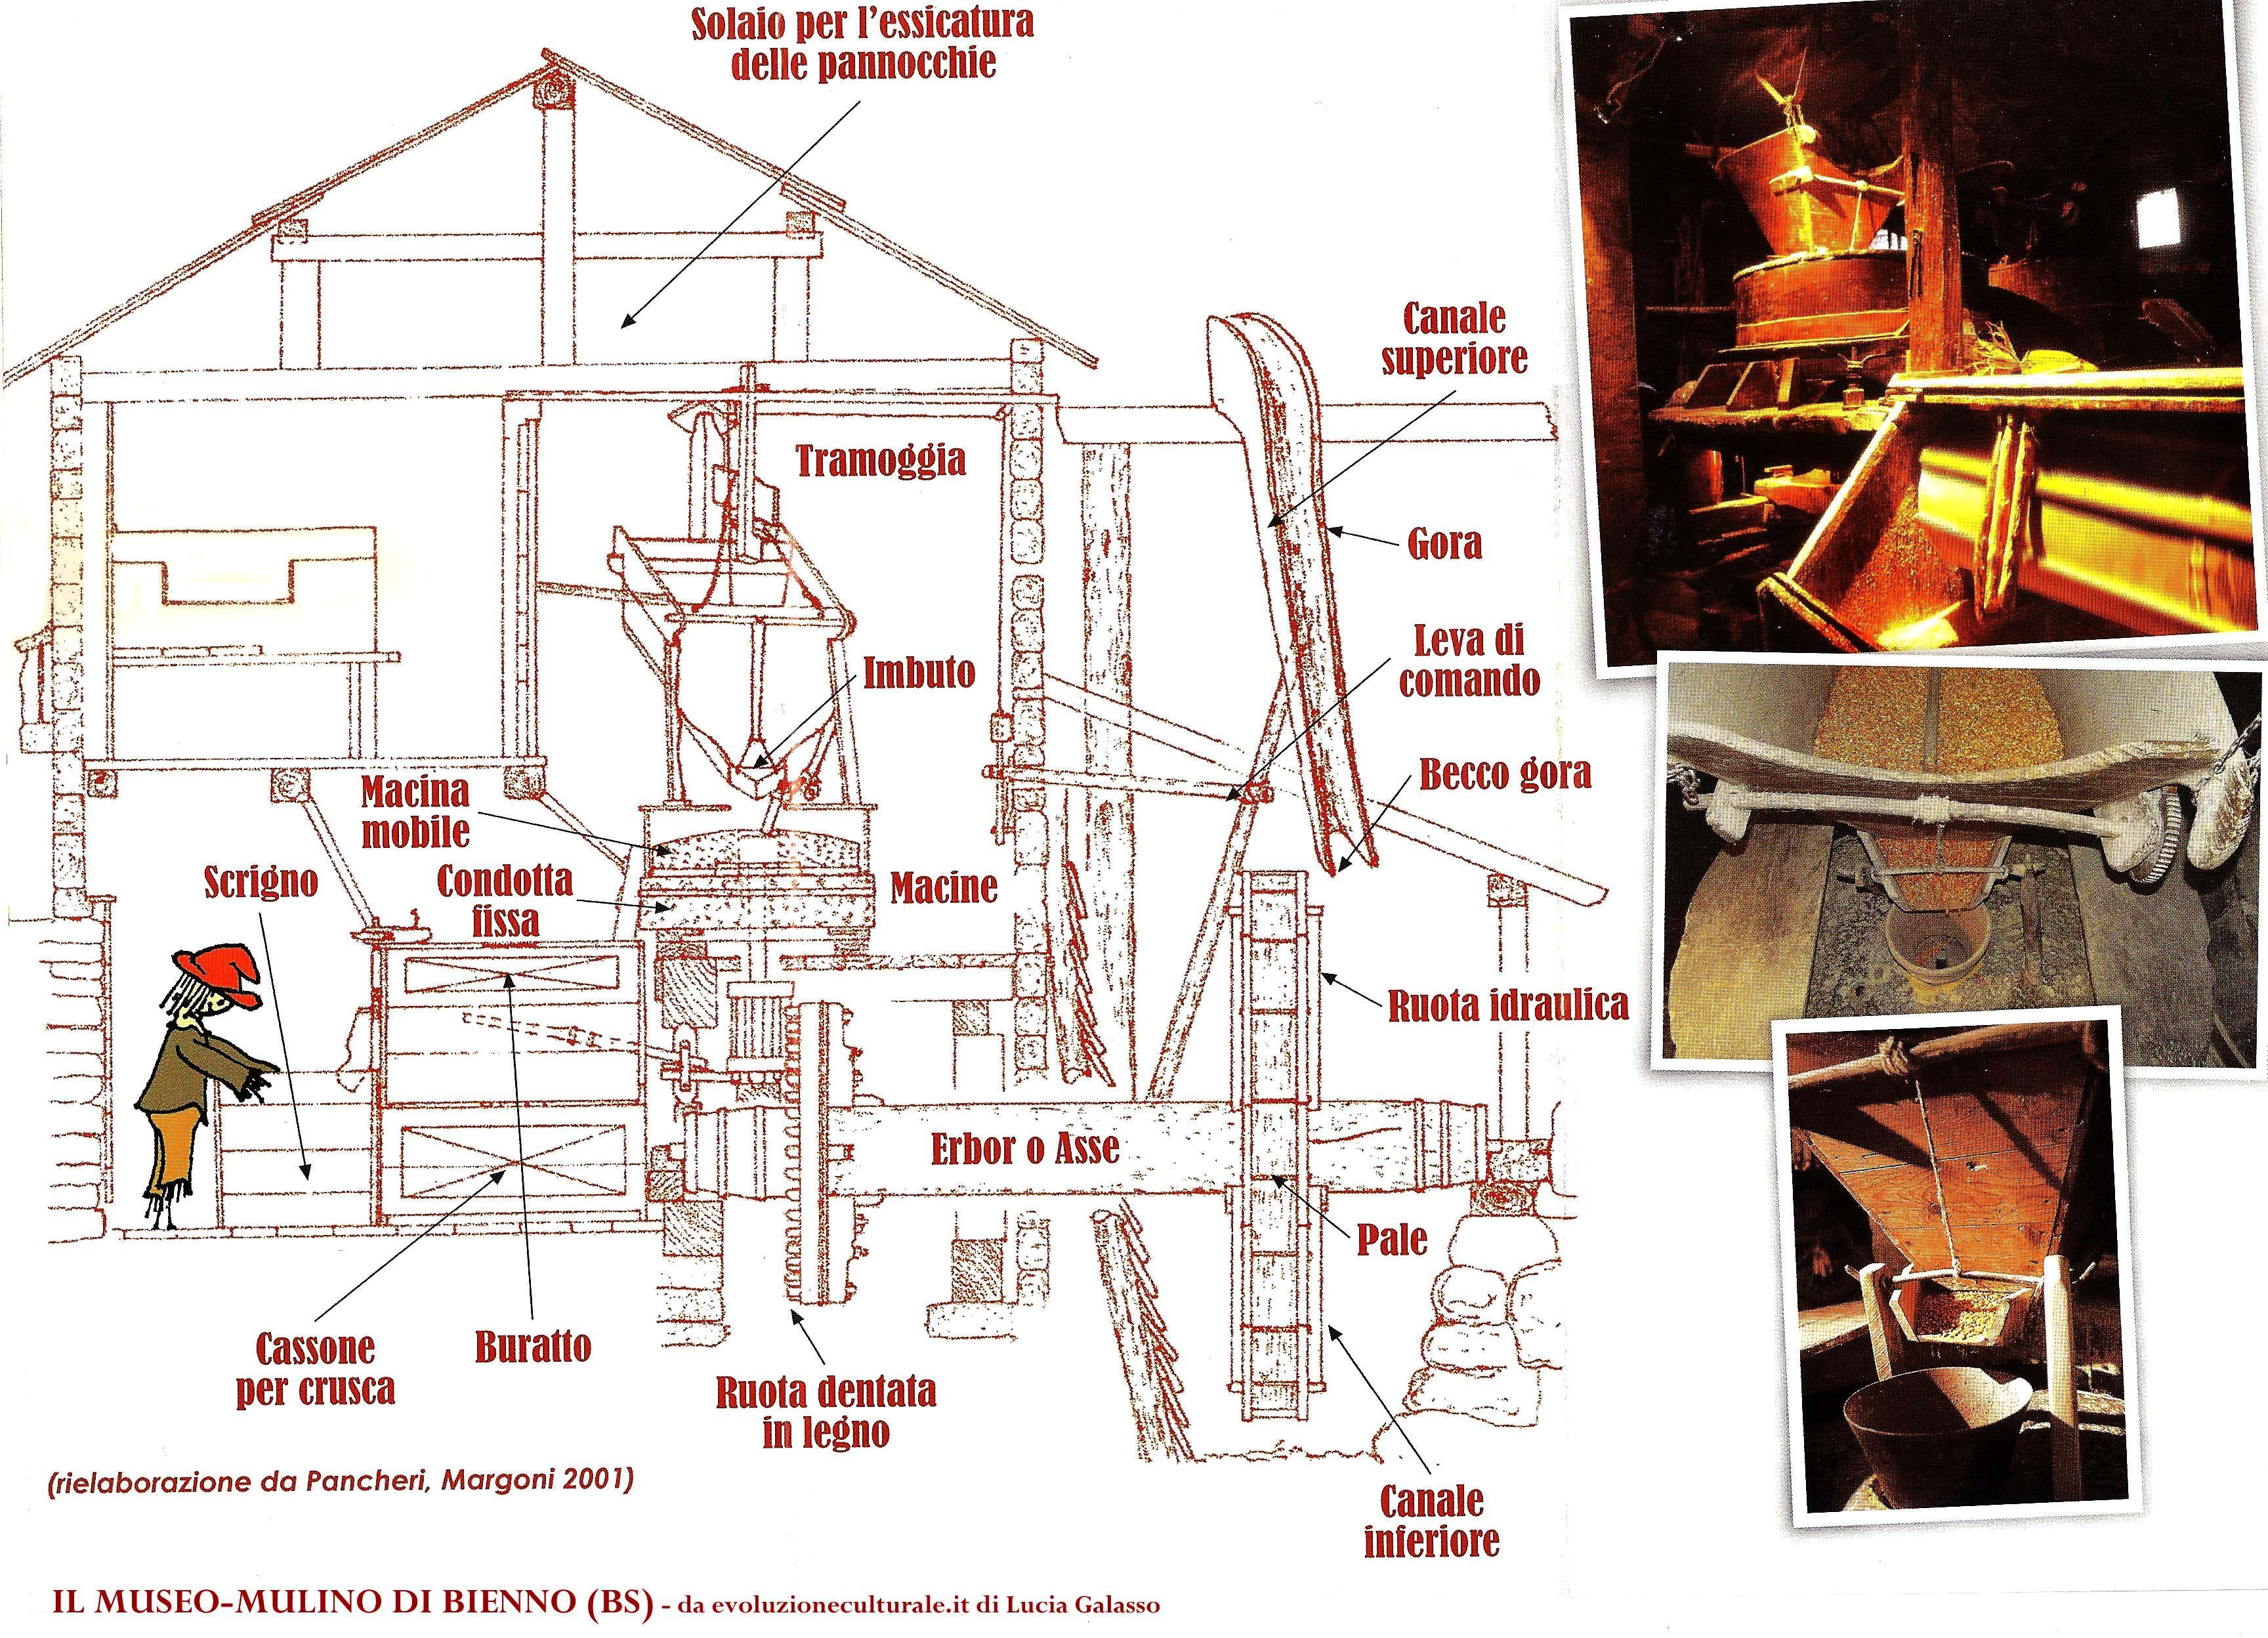 Schemi Elettrici Base Per Principianti : Come funziona il mulino ad acqua mulino elettrico per cereali con